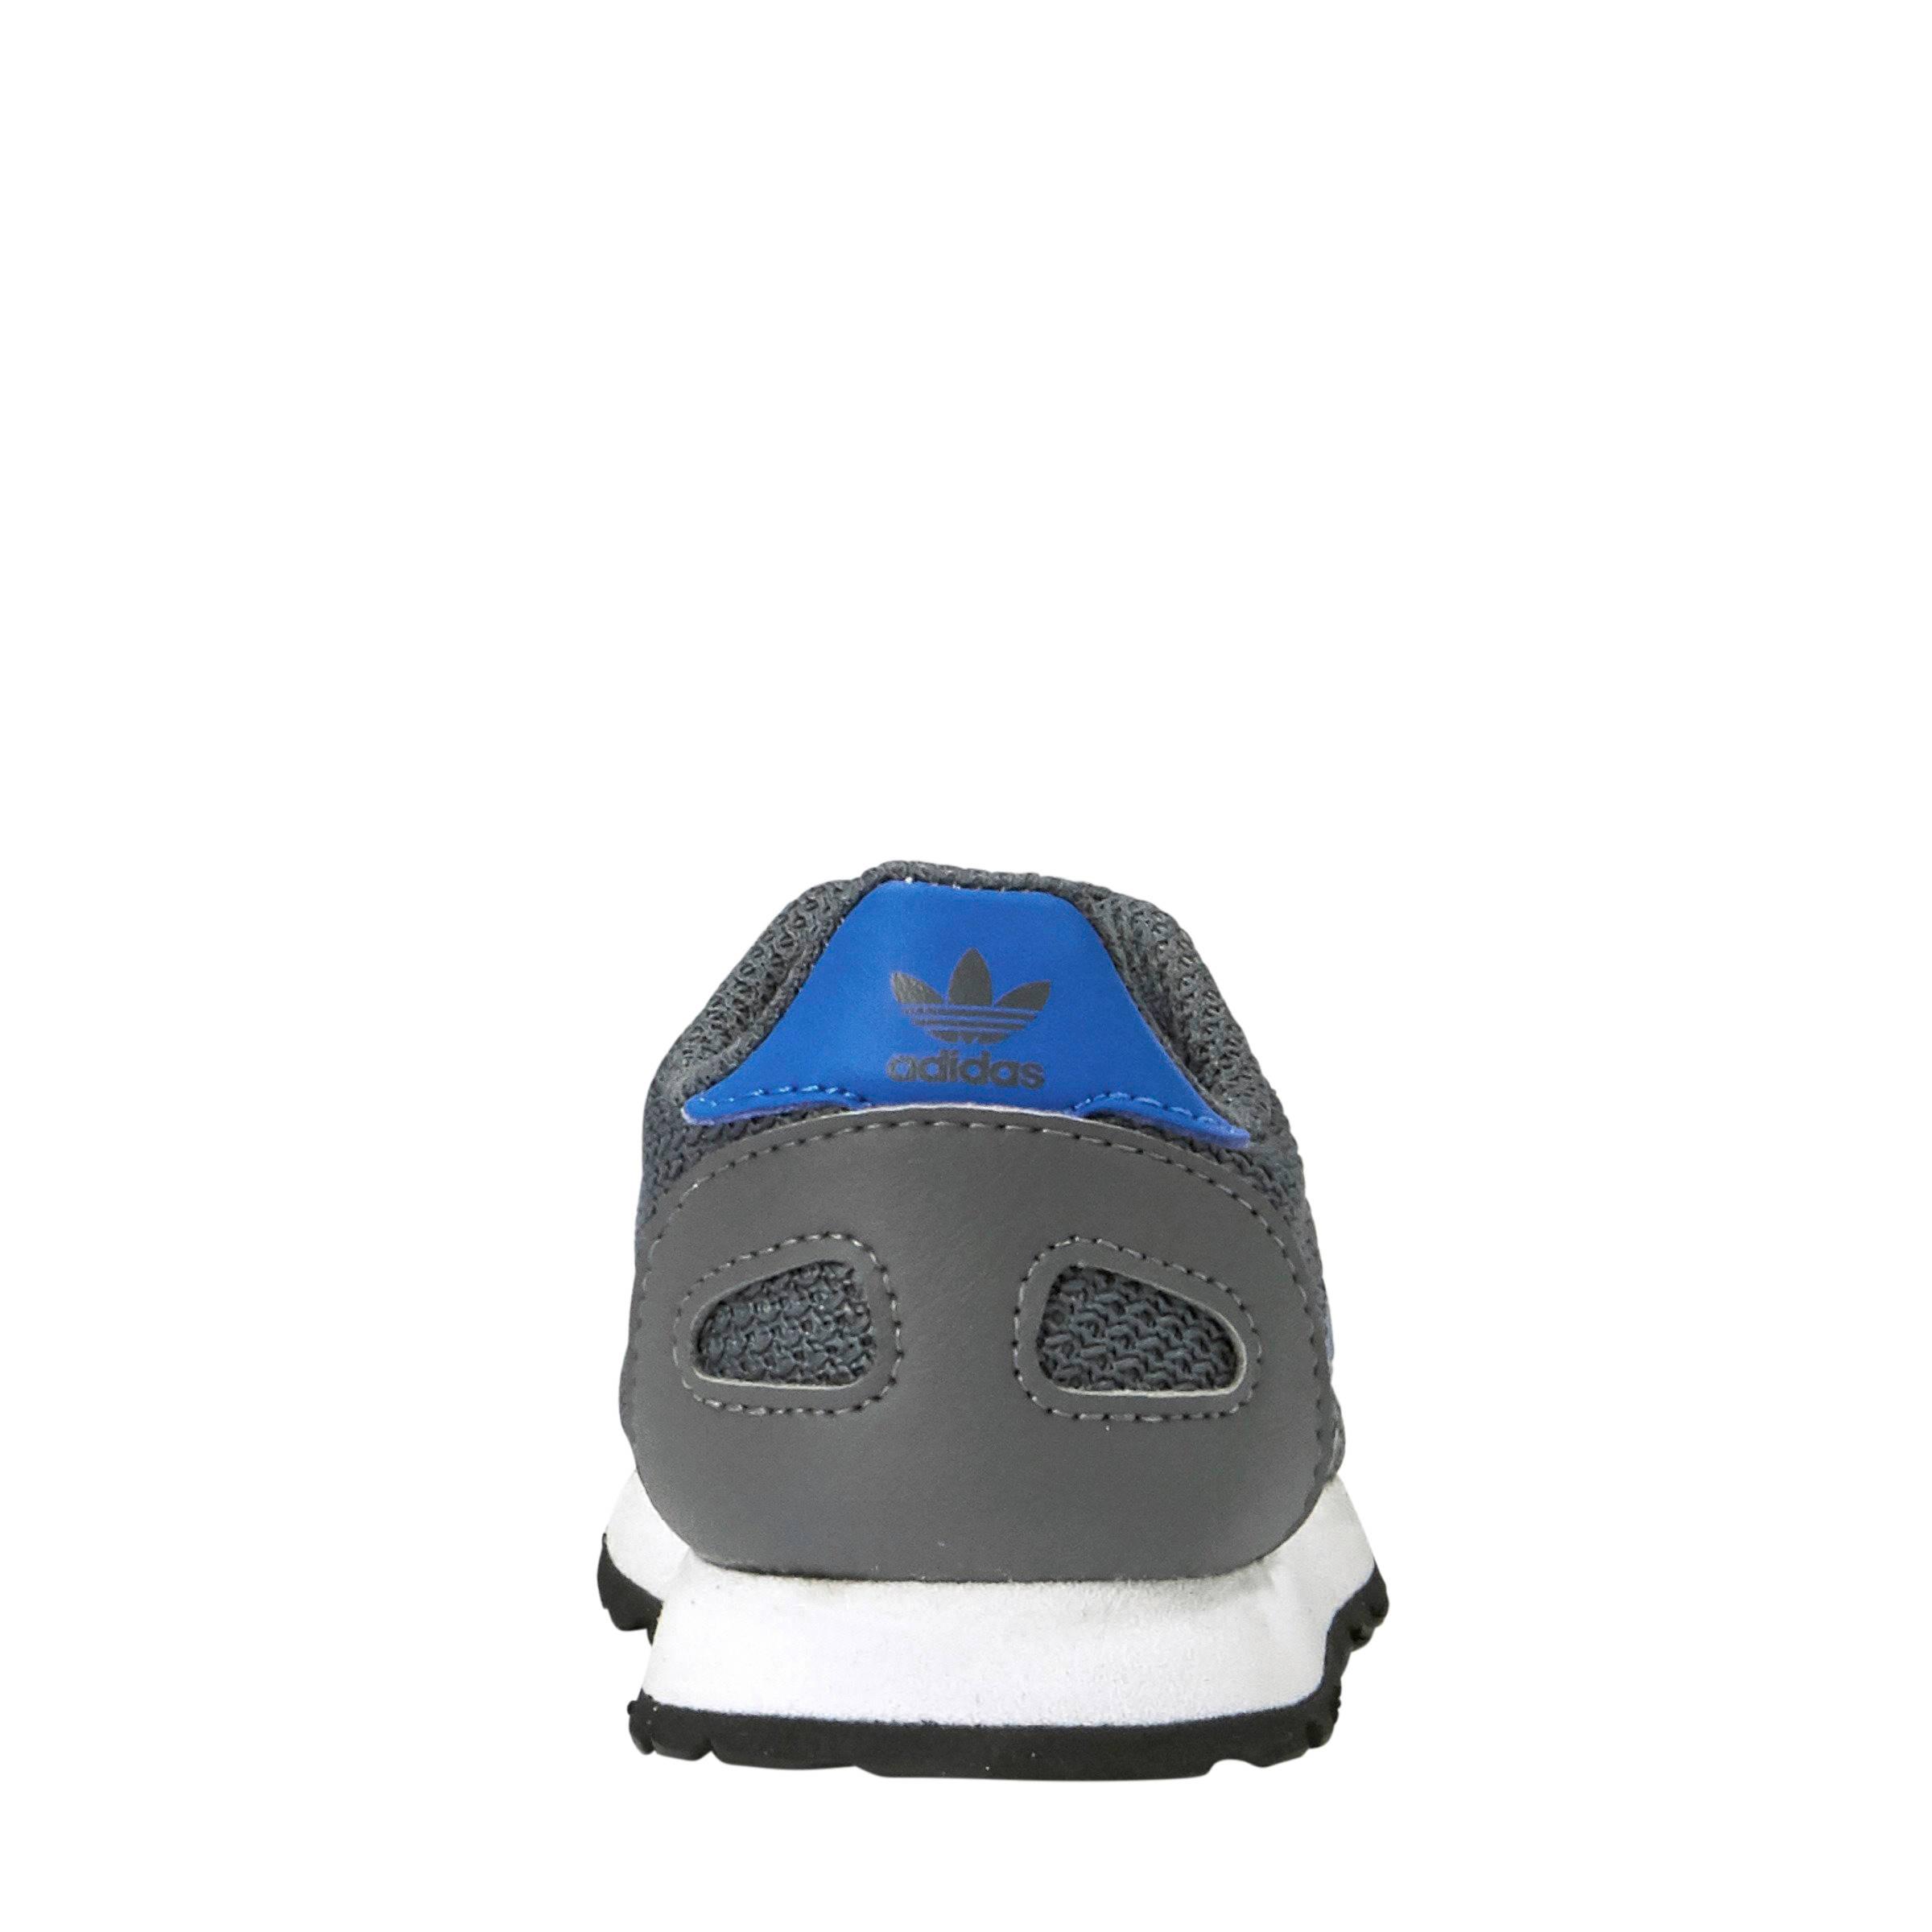 76379327218 adidas originals sneakers N-5923 EL I grijs/blauw | wehkamp